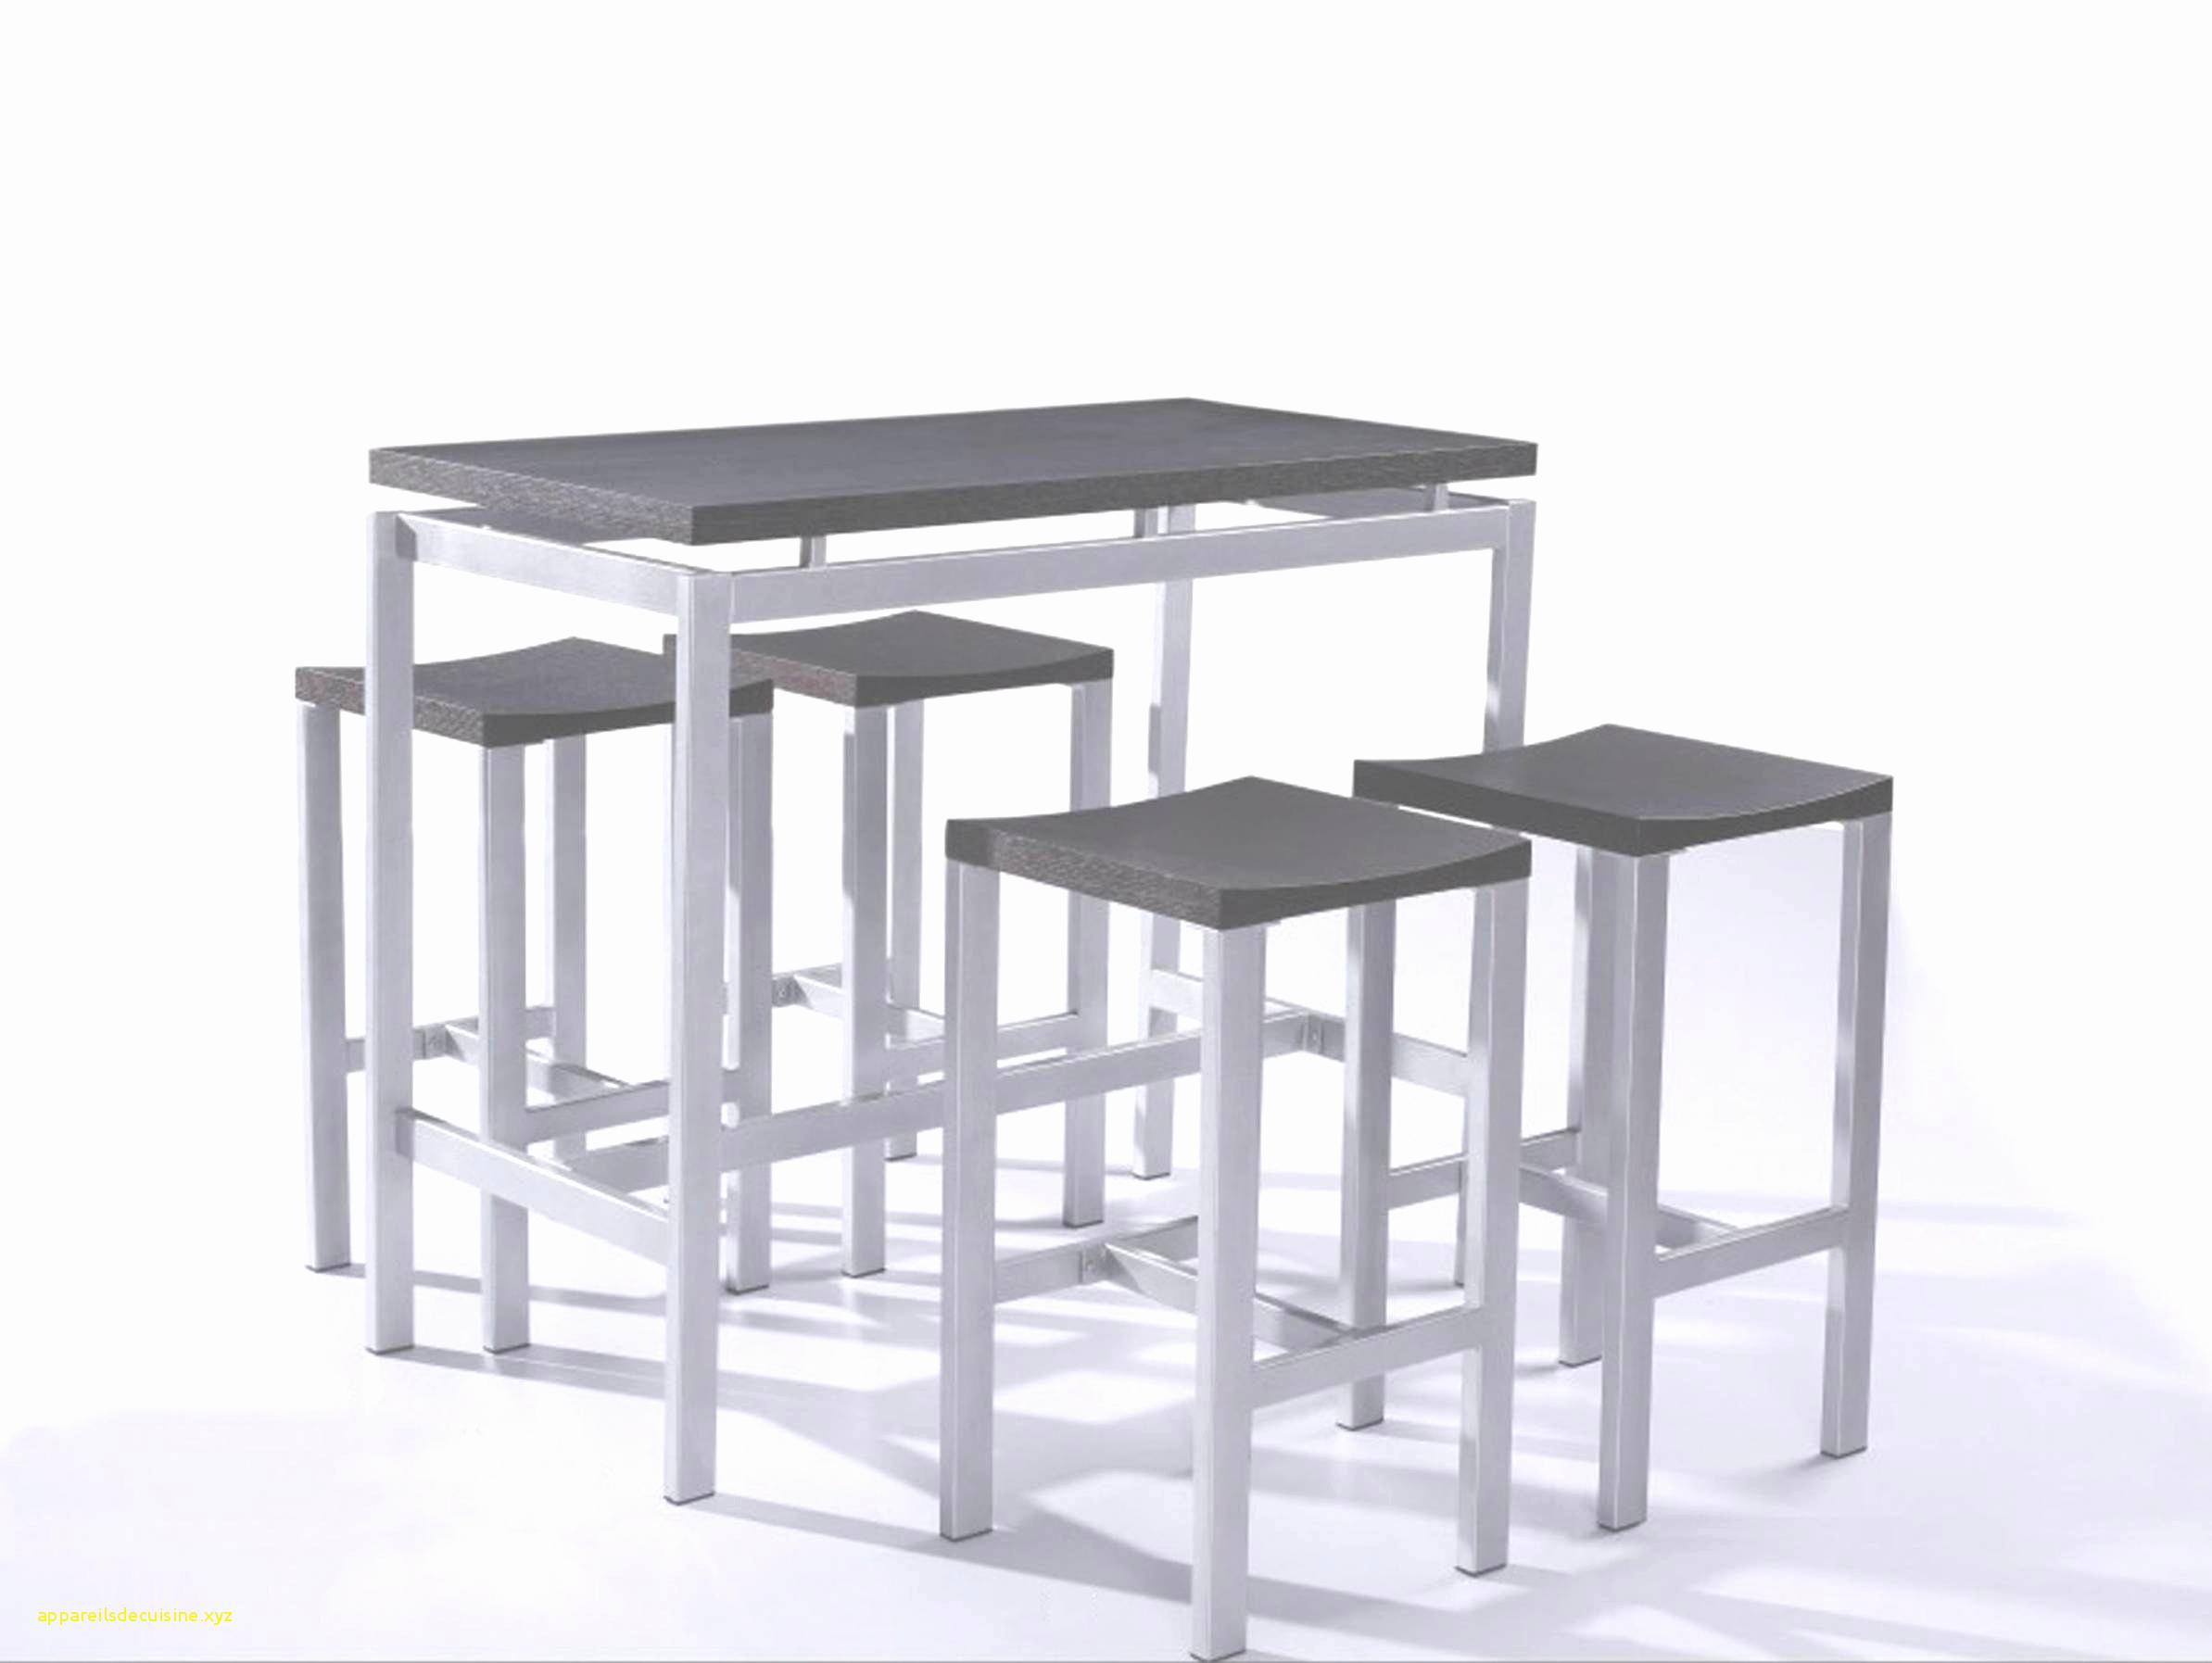 Petite Table Ronde Pliante Beau Photographie Petite Table Ronde Cuisine Unique Petite Table Pliante Petite Table